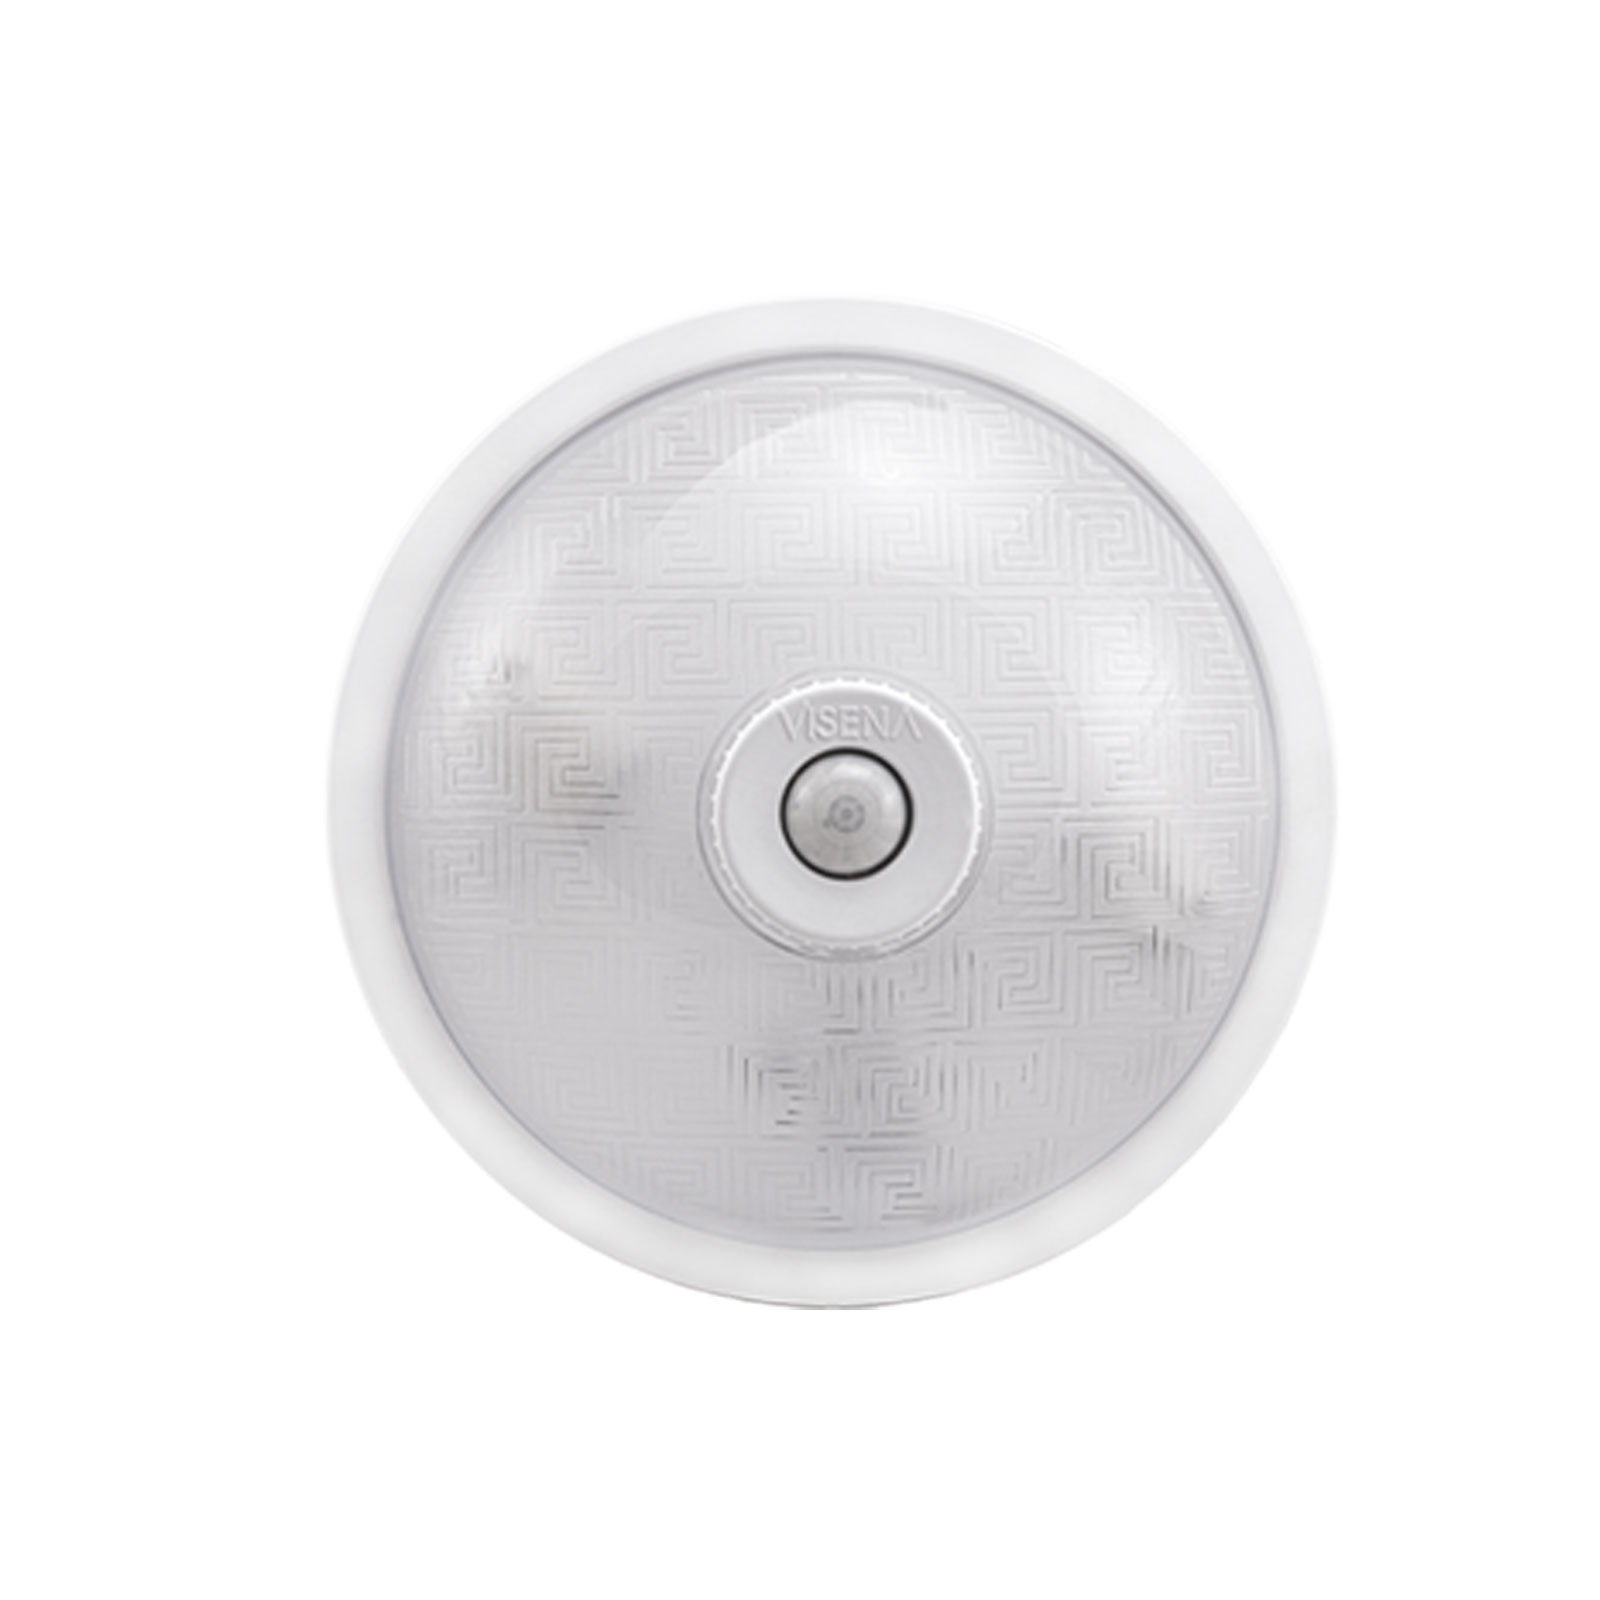 چراغ سقفی پلاستیکی سنسوردار ویسنا VS626